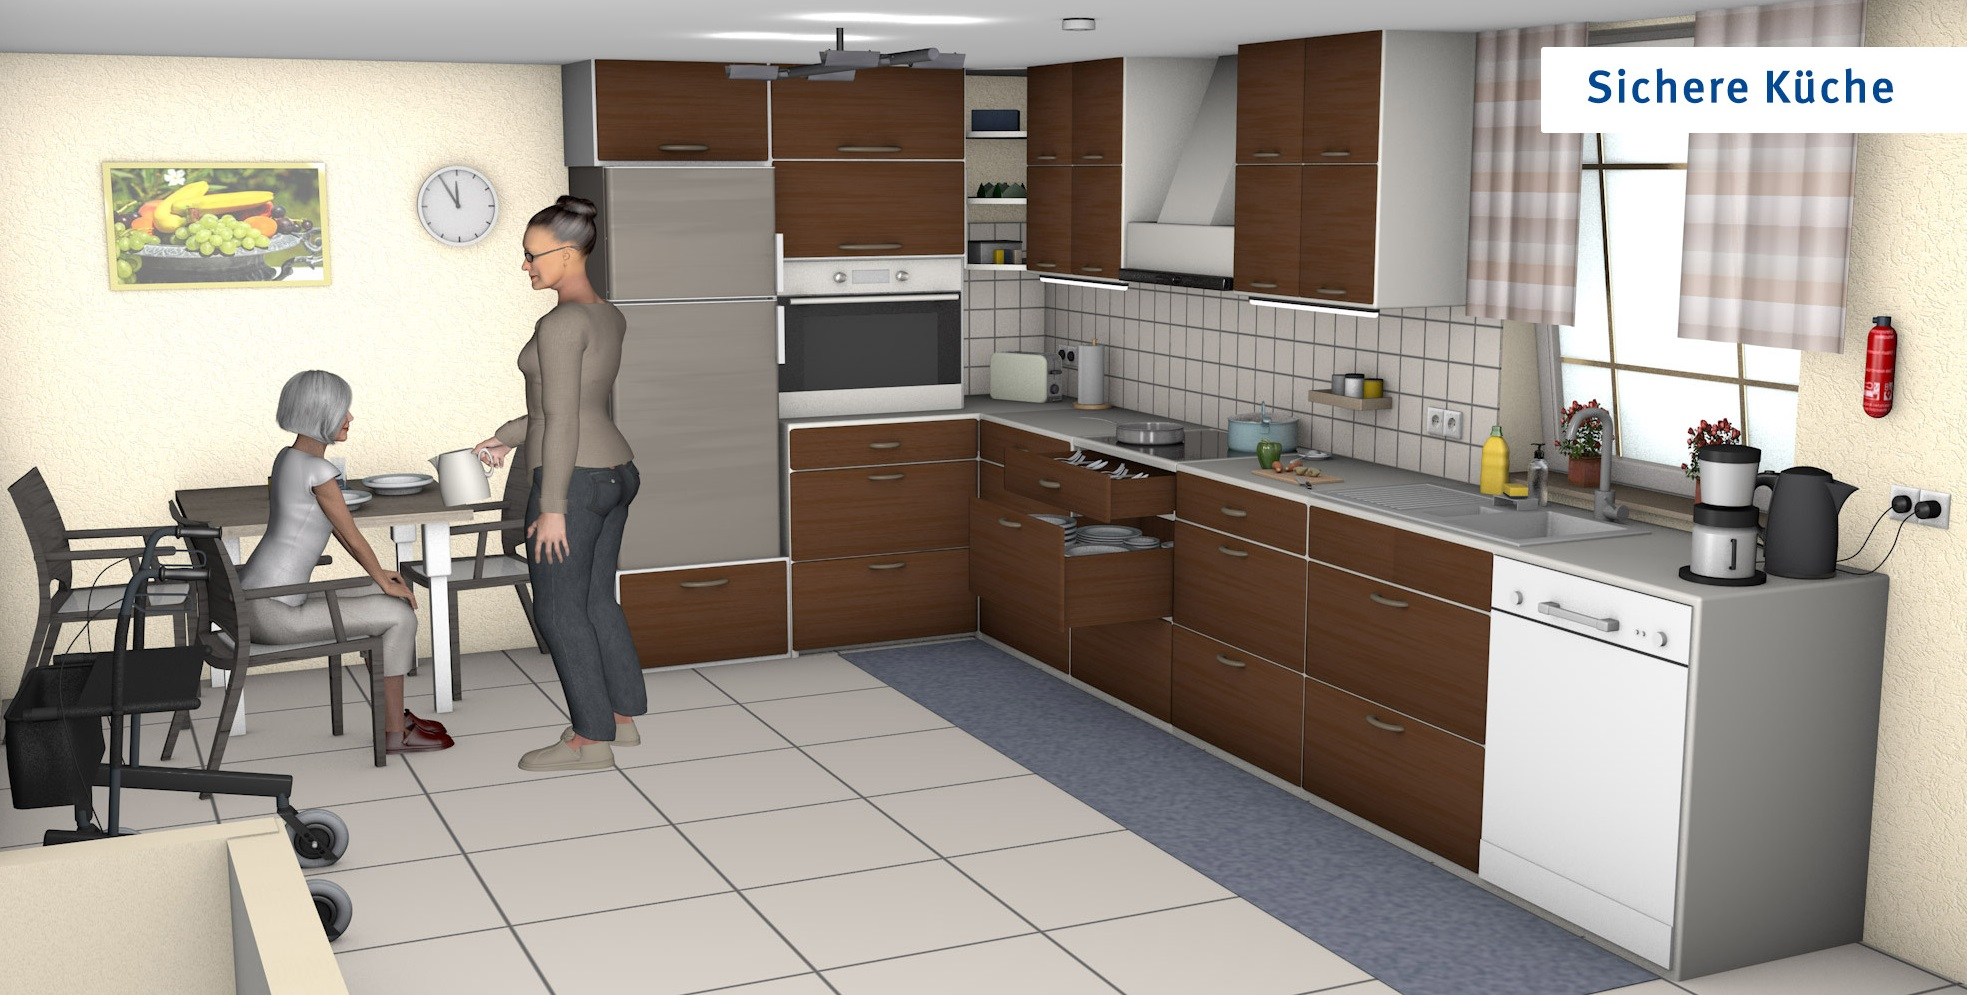 Küche - optimierte Version